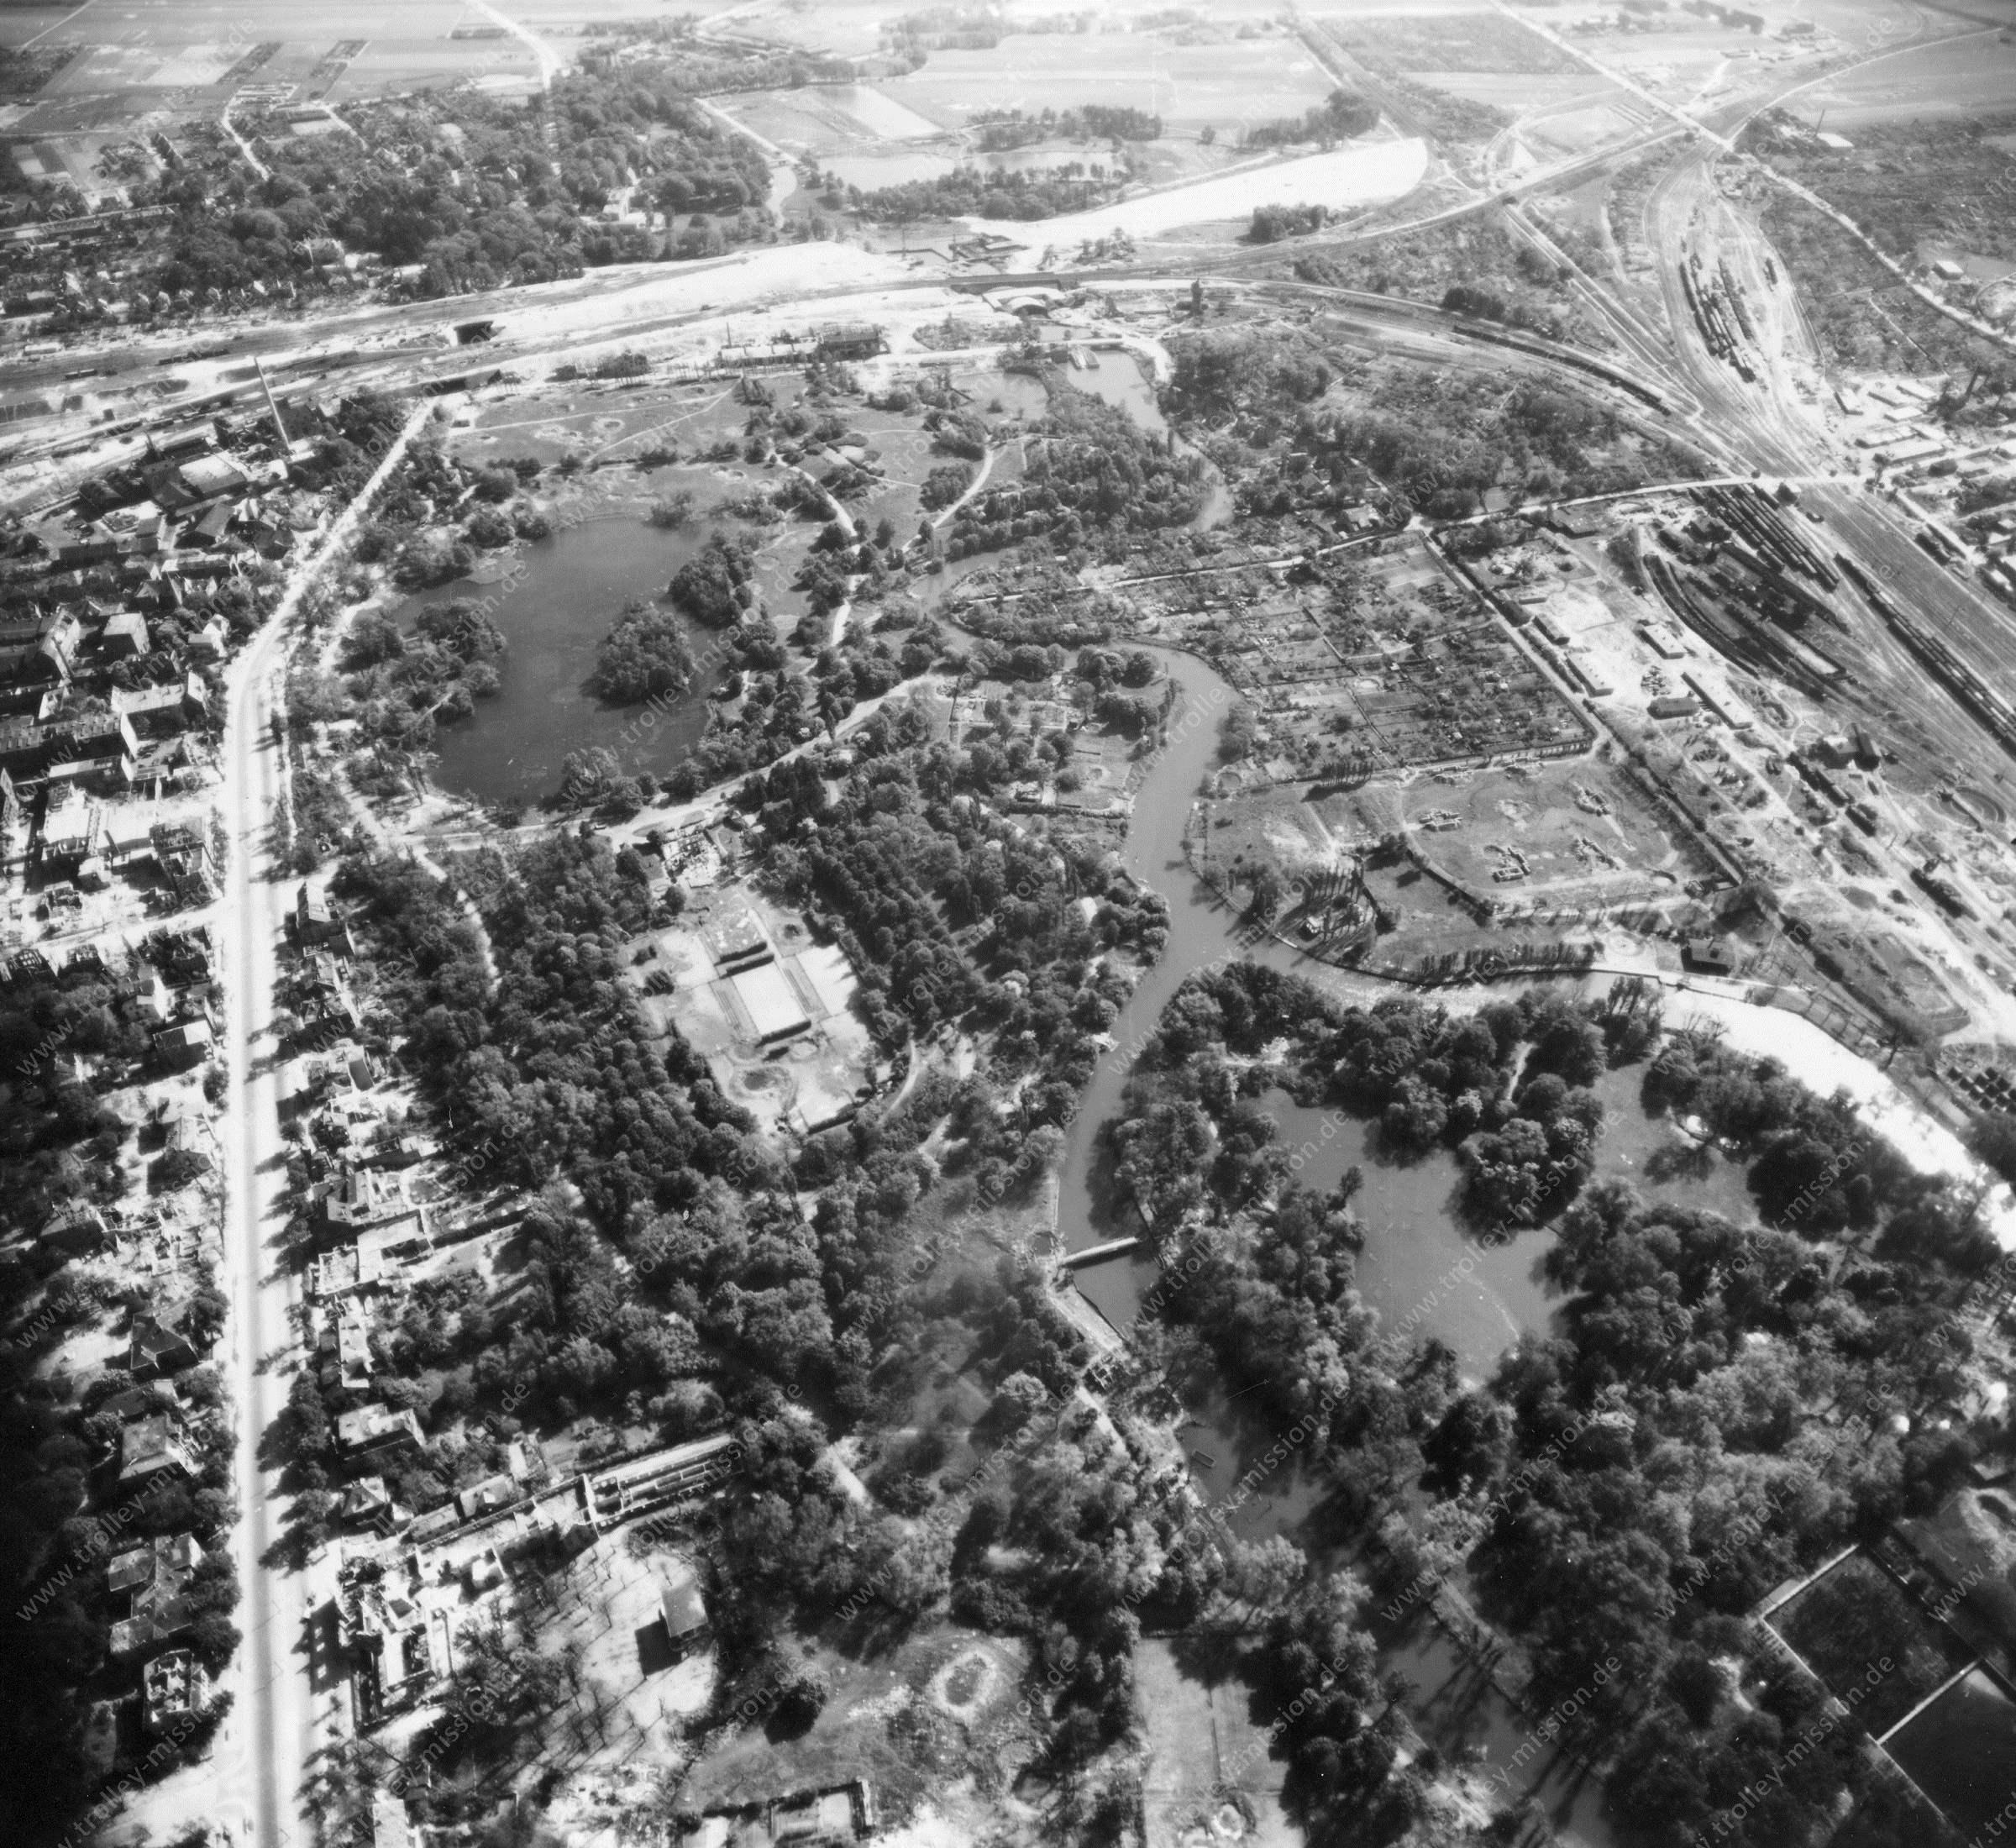 Luftbild von Braunschweig am 12. Mai 1945 - Luftbildserie 10/11 der US Air Force